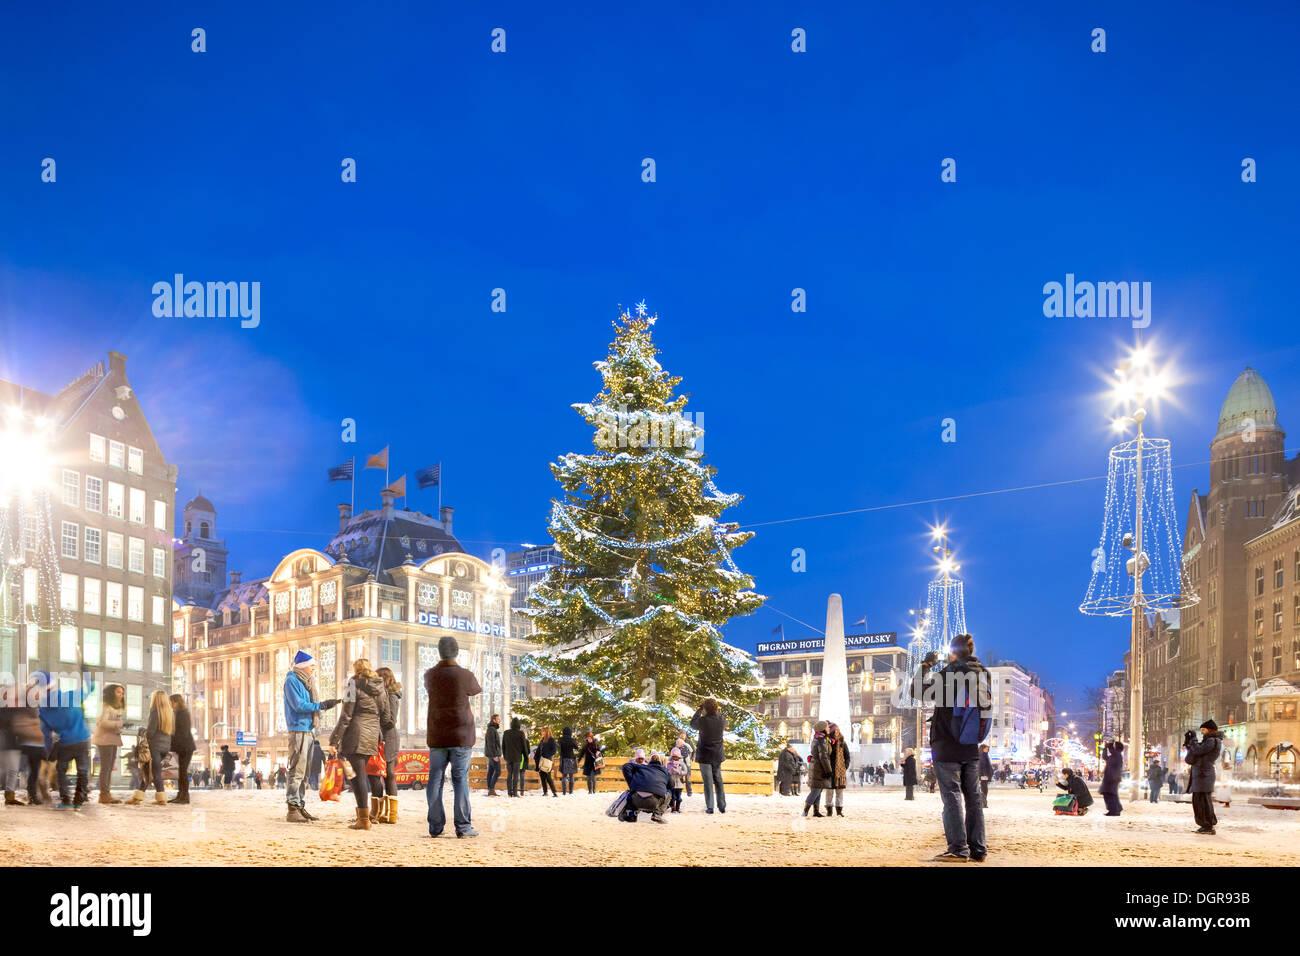 L'arbre de Noël d'Amsterdam w neige, feux de Noël sur la place du Dam avec les gens, touristes, visiteurs, poser et prendre des photos au crépuscule Photo Stock